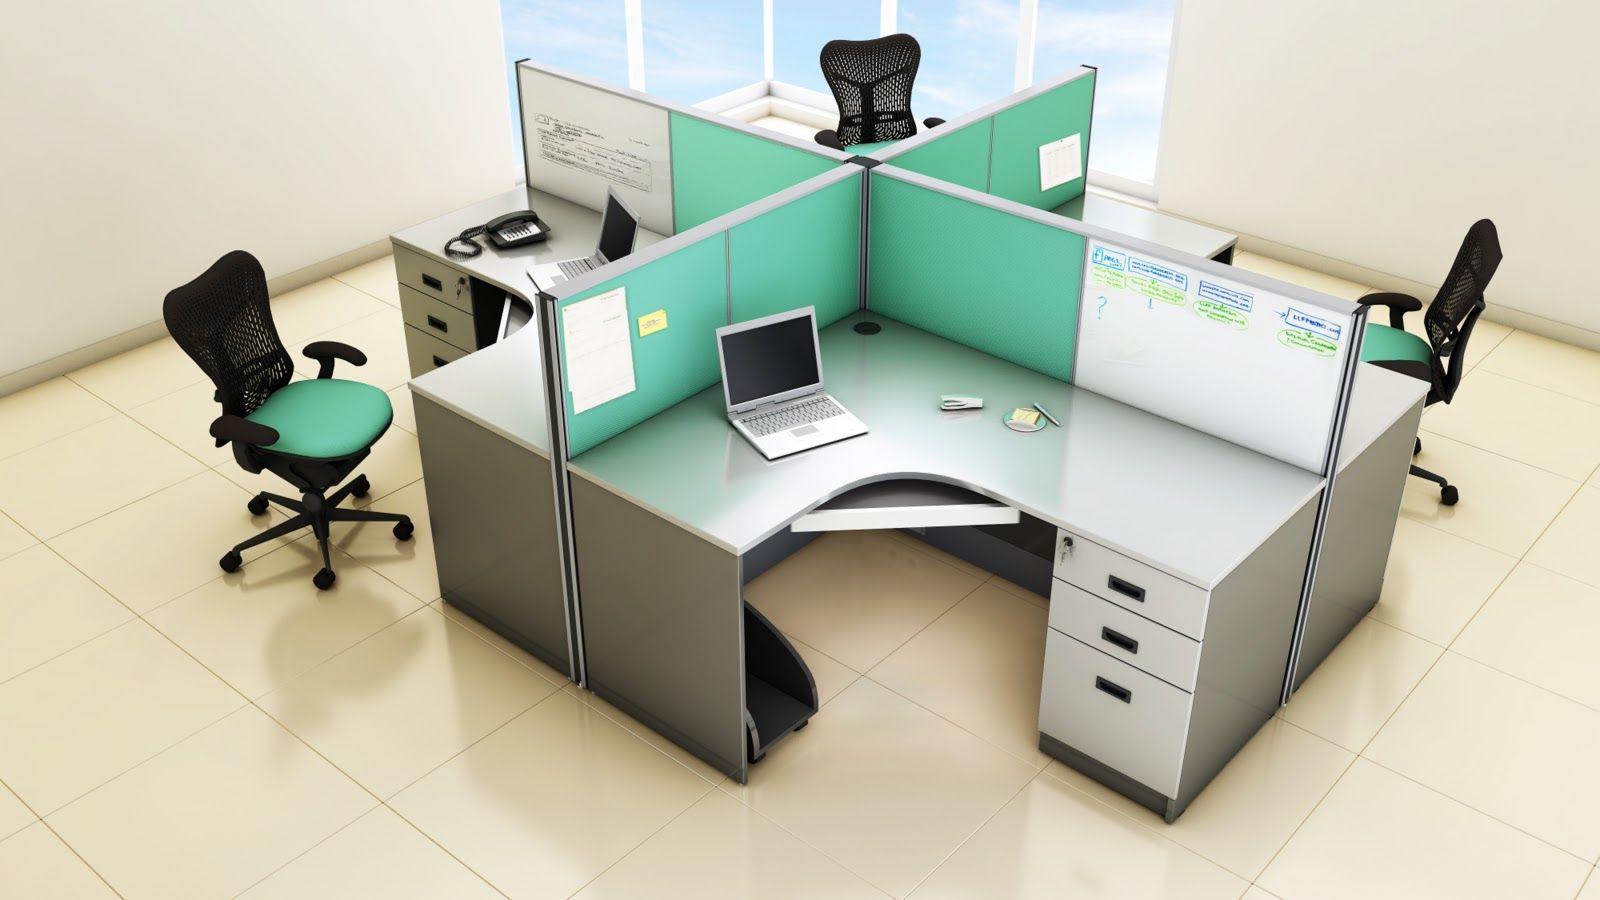 Moderne modulare büromöbel  Büro Möbel Modulare Büro Möbel Systeme Hersteller | BüroMöbel ...